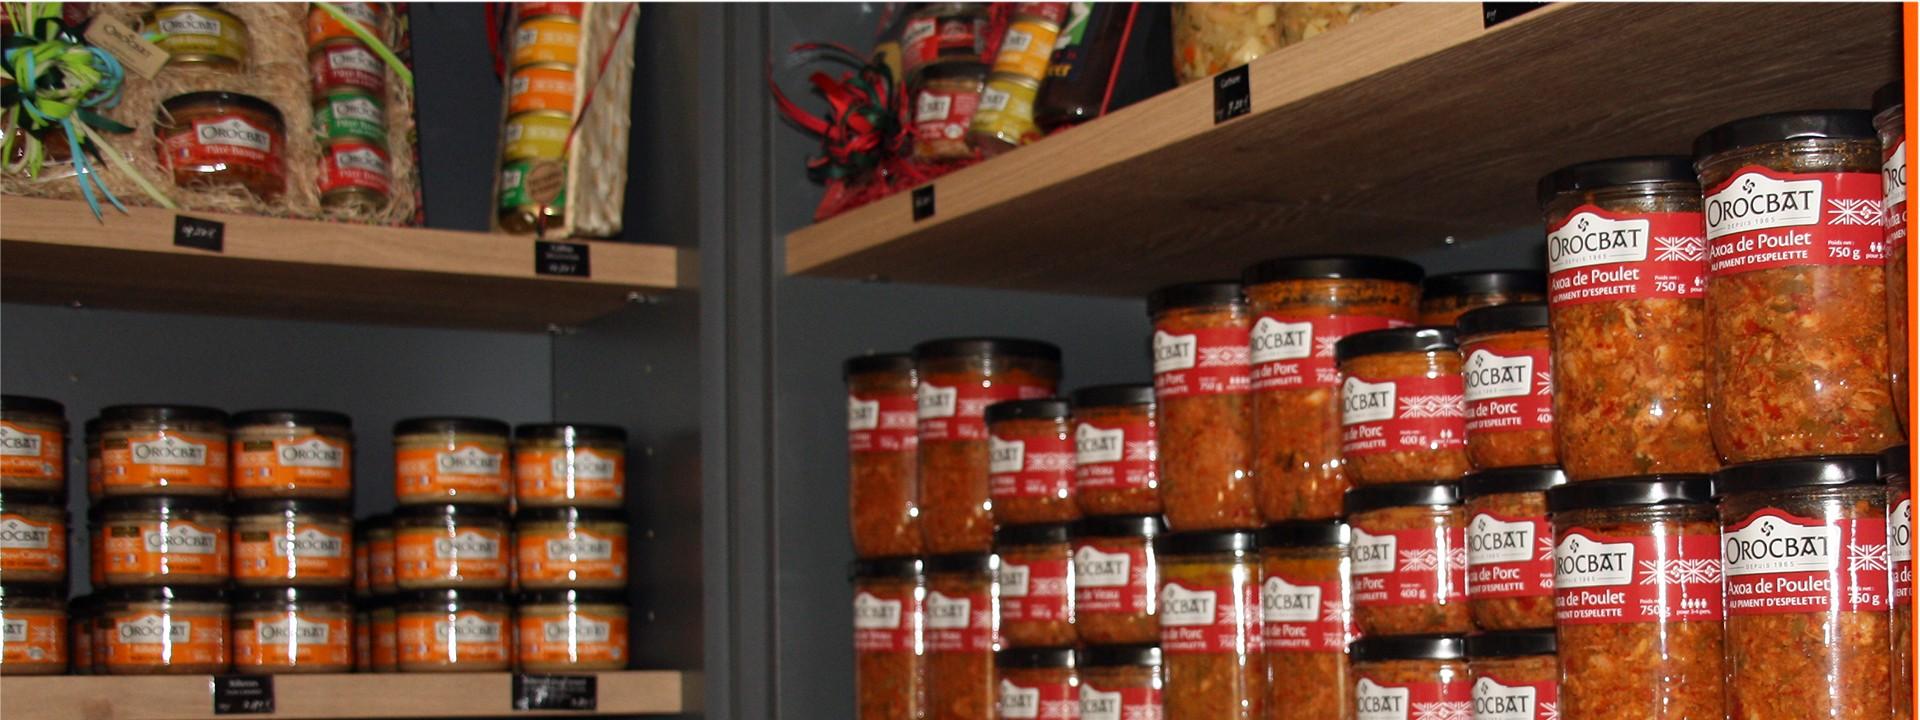 En Soule, nous vous accueillons dans notre boutique de produits artisanaux